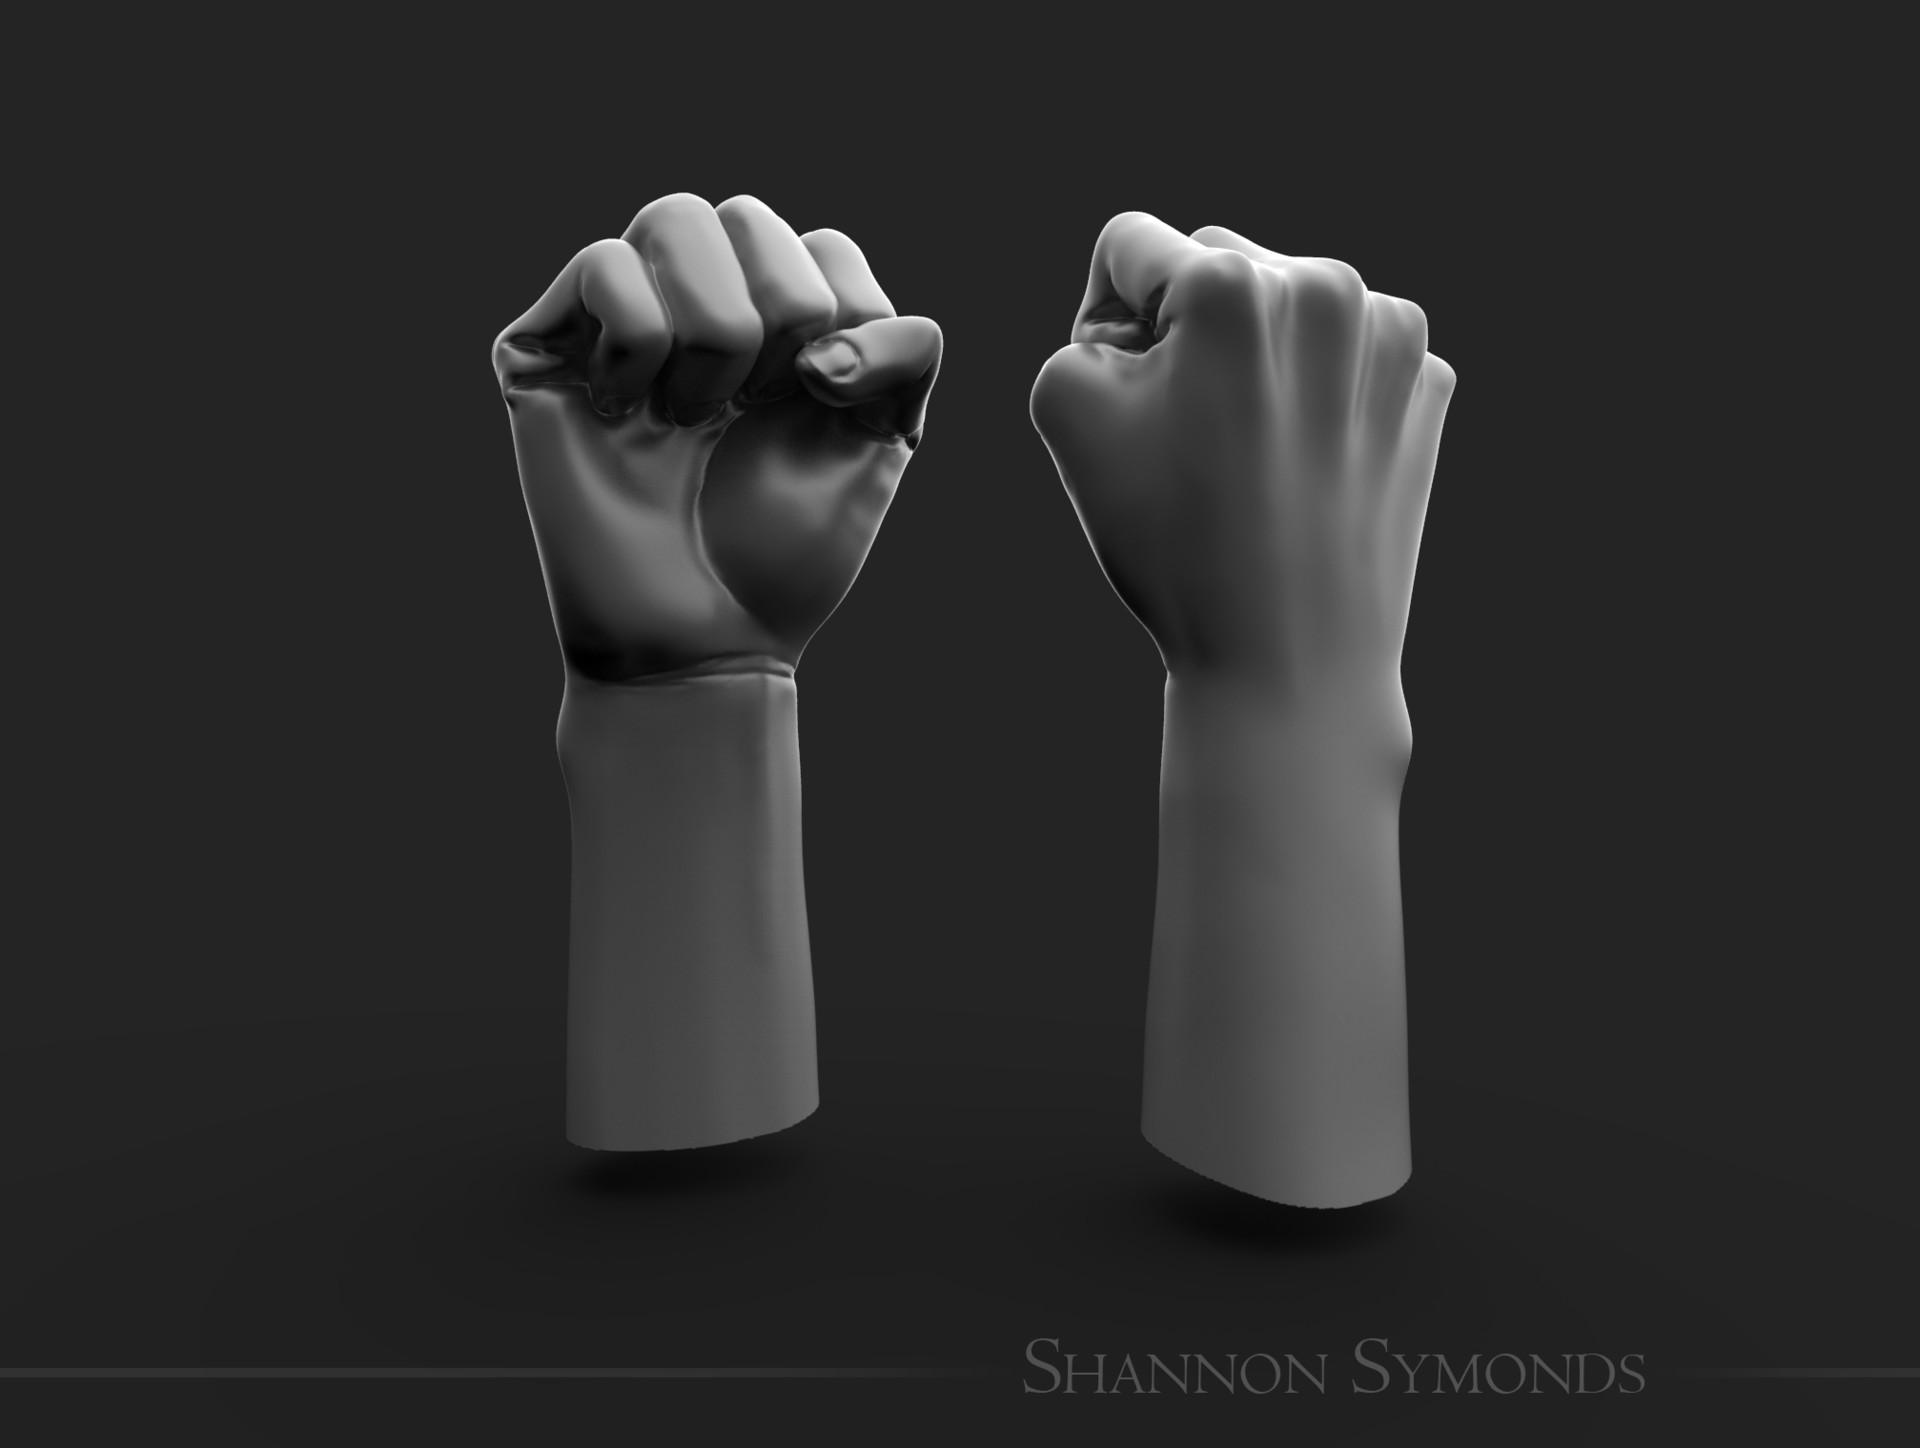 Shannon symonds fist